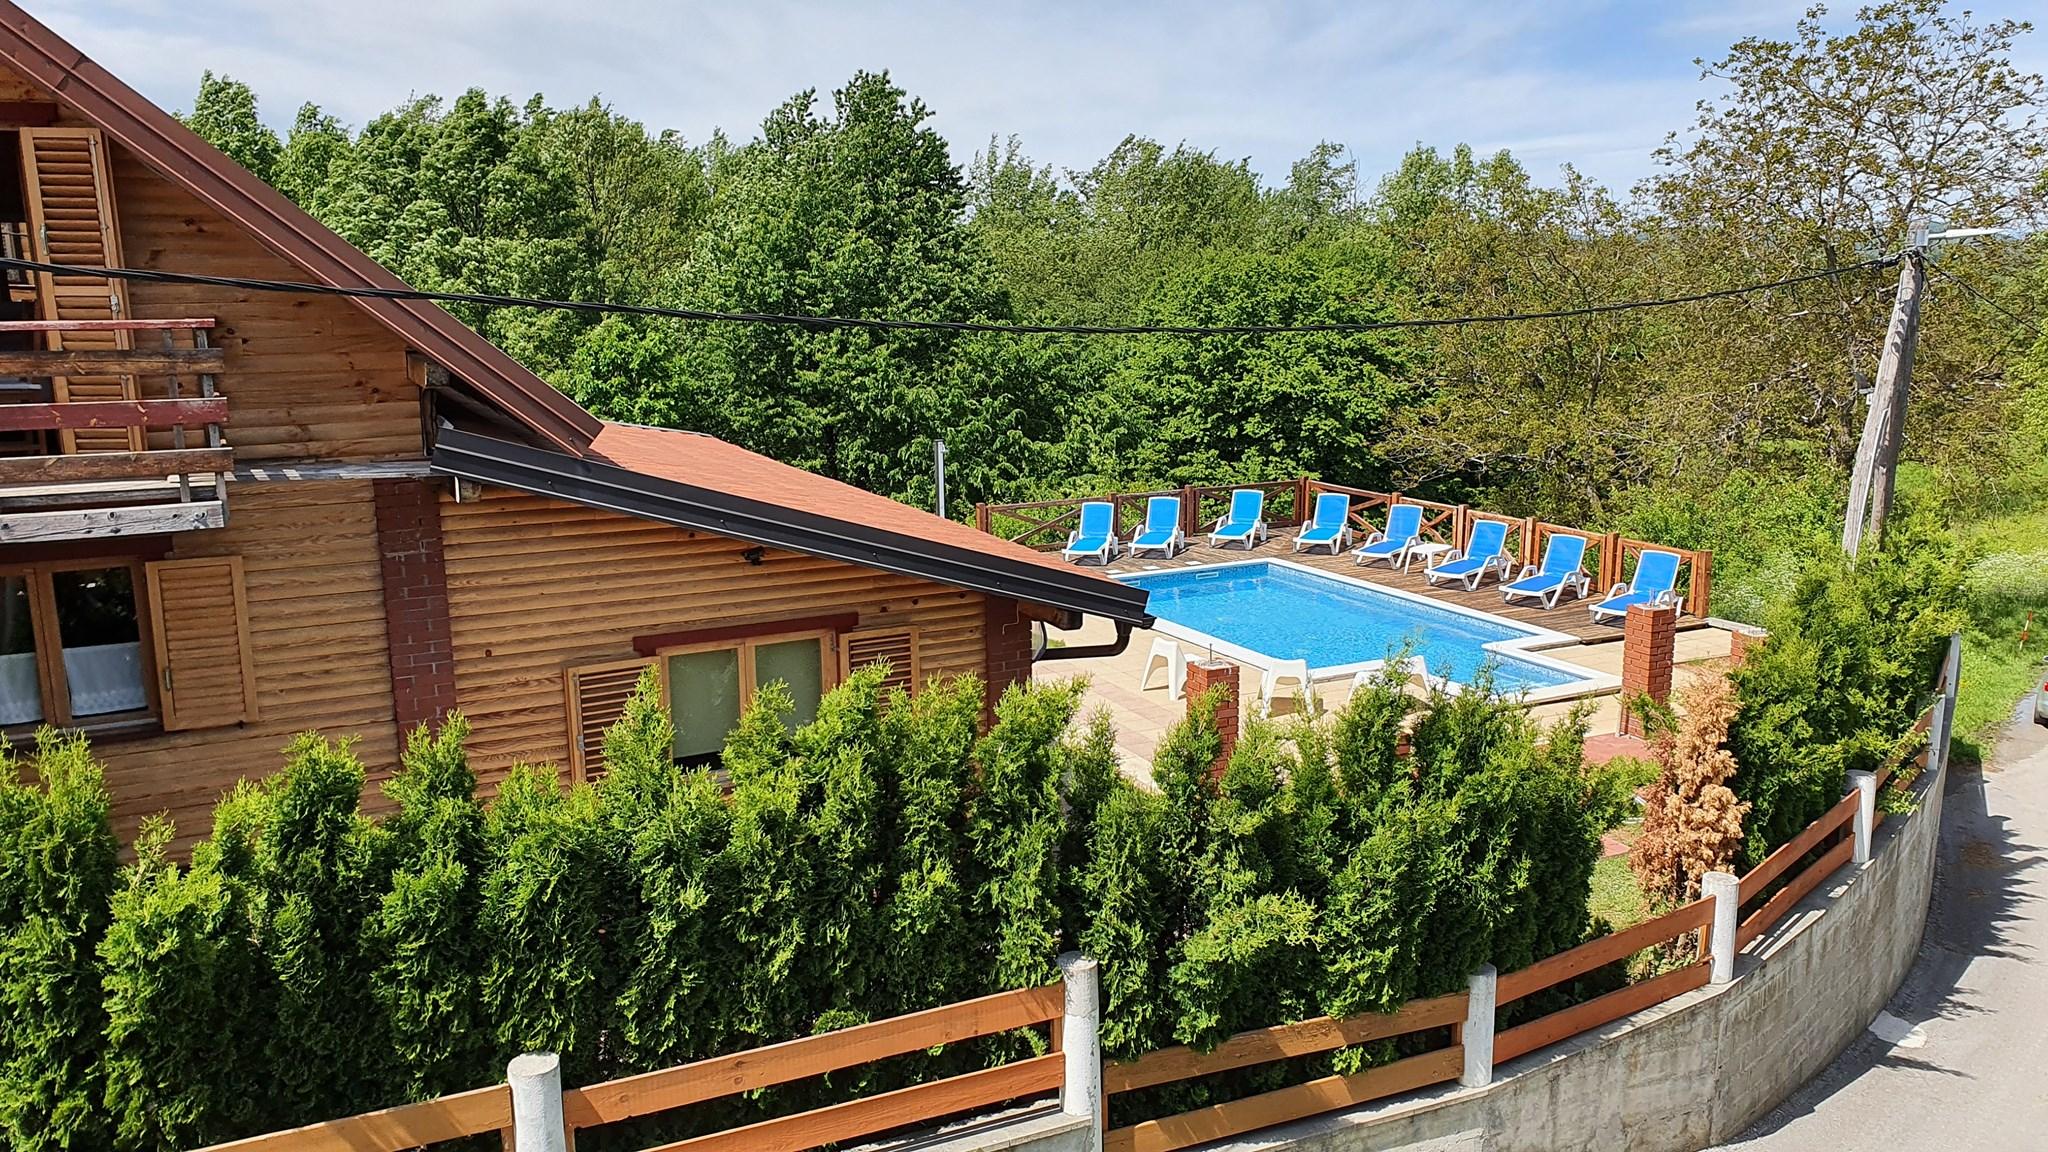 kuća za odmor, mala vila rebeka